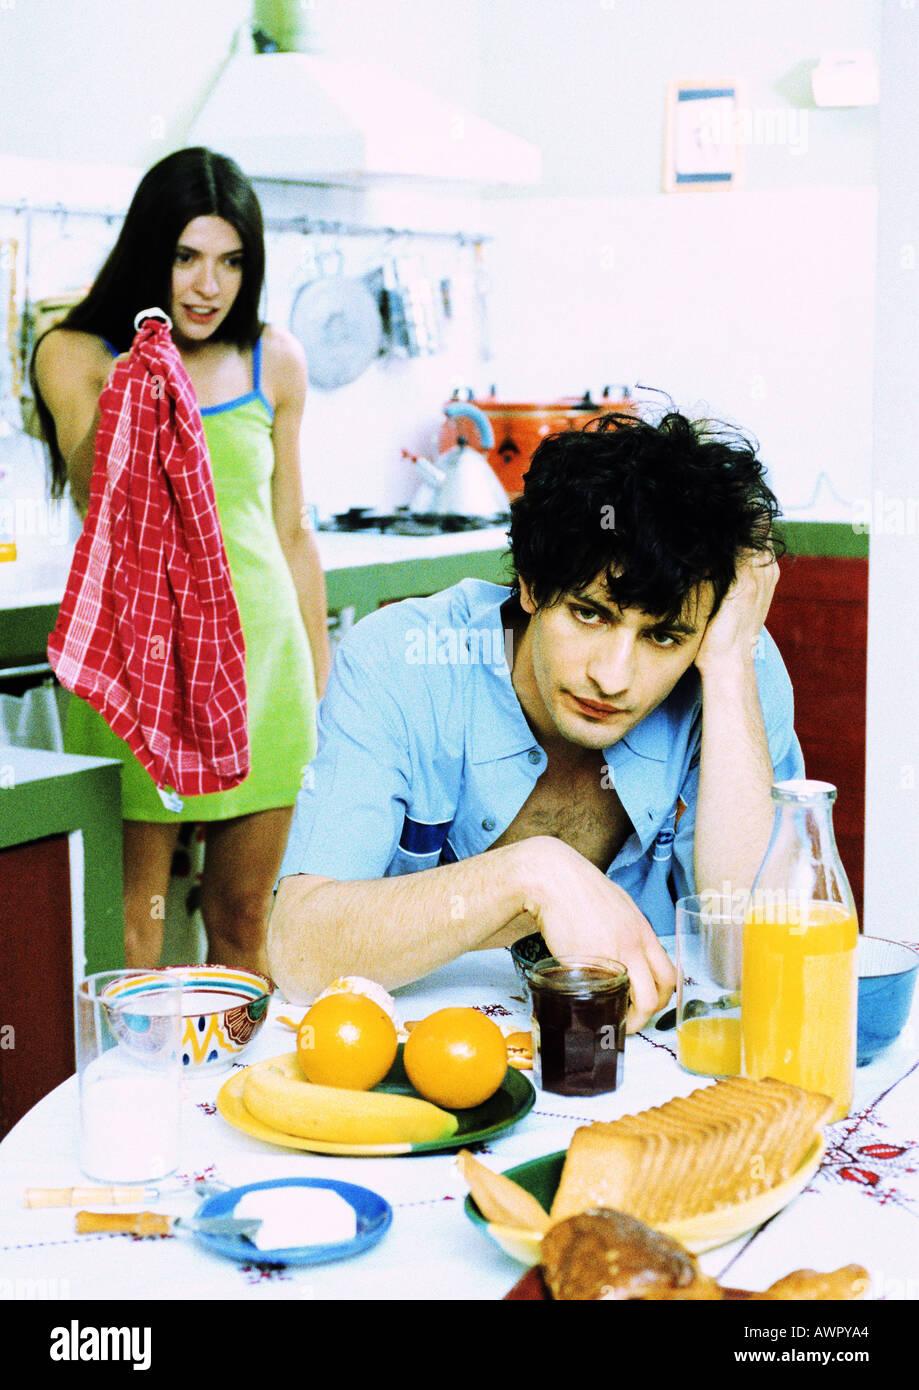 Hombre sentado en una mesa para el desayuno, mujer de pie detrás del hombre, sosteniendo una toalla de cocina. Foto de stock